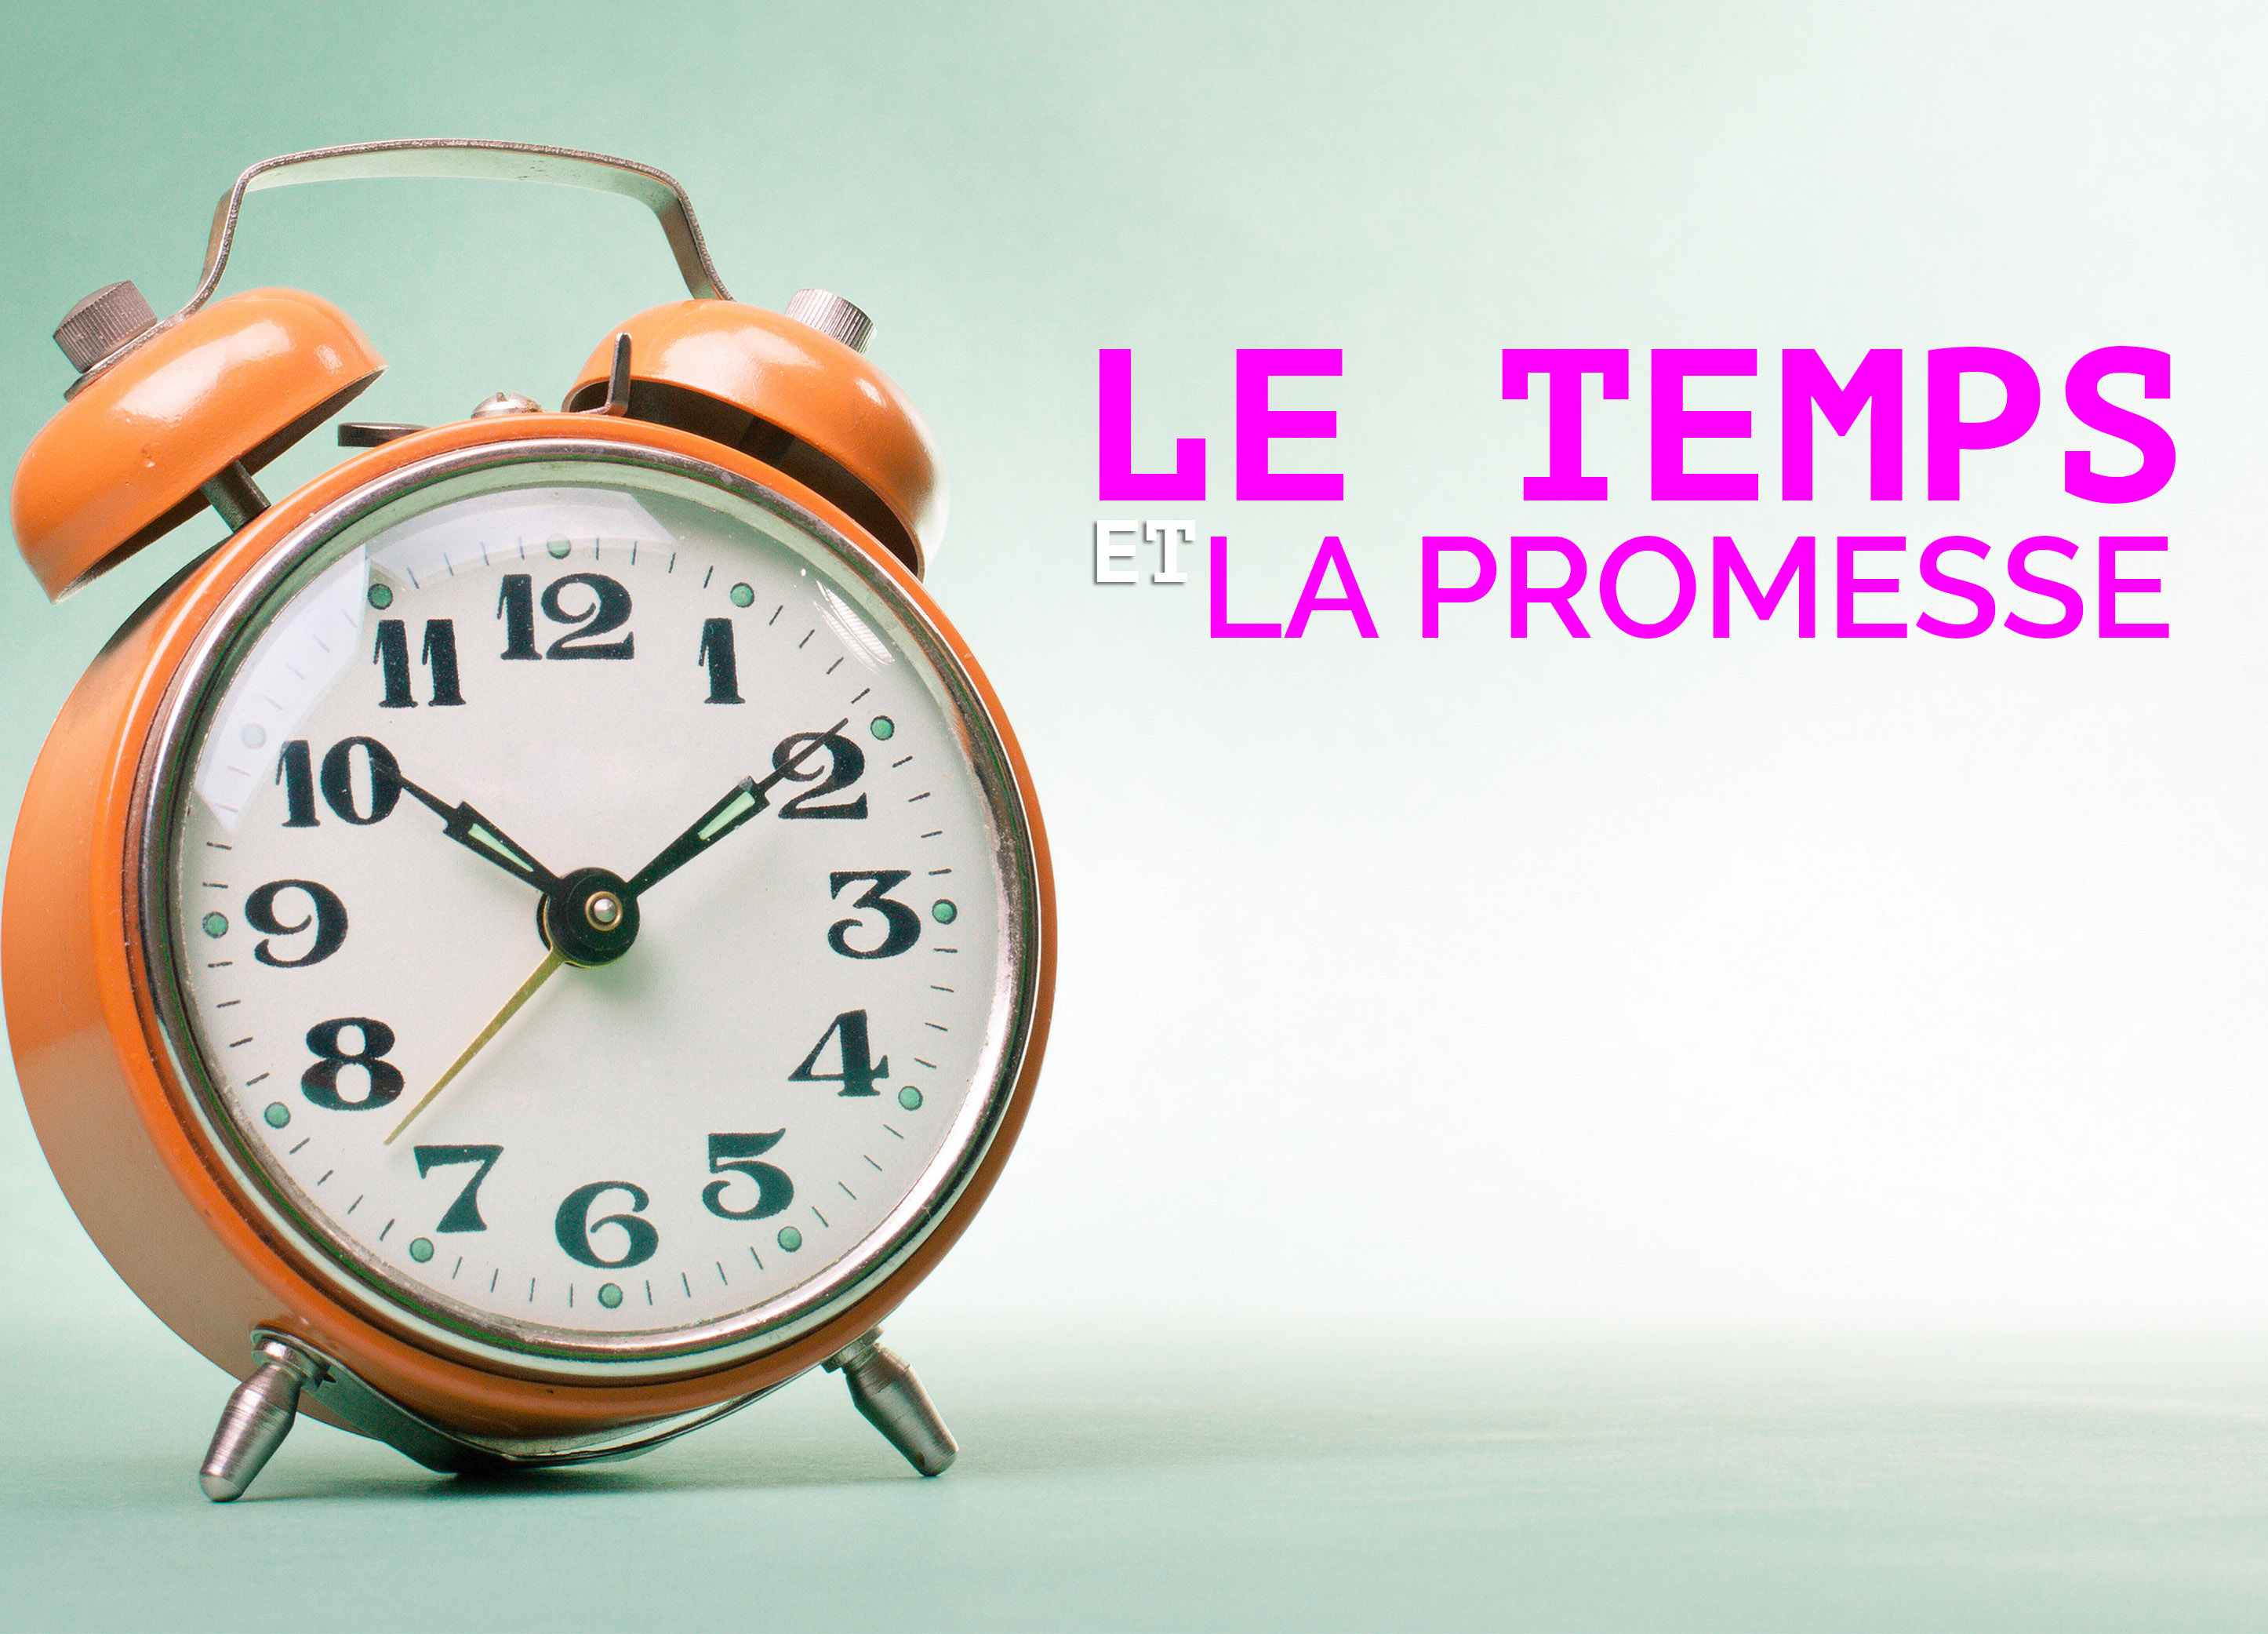 Le temps et la promesse